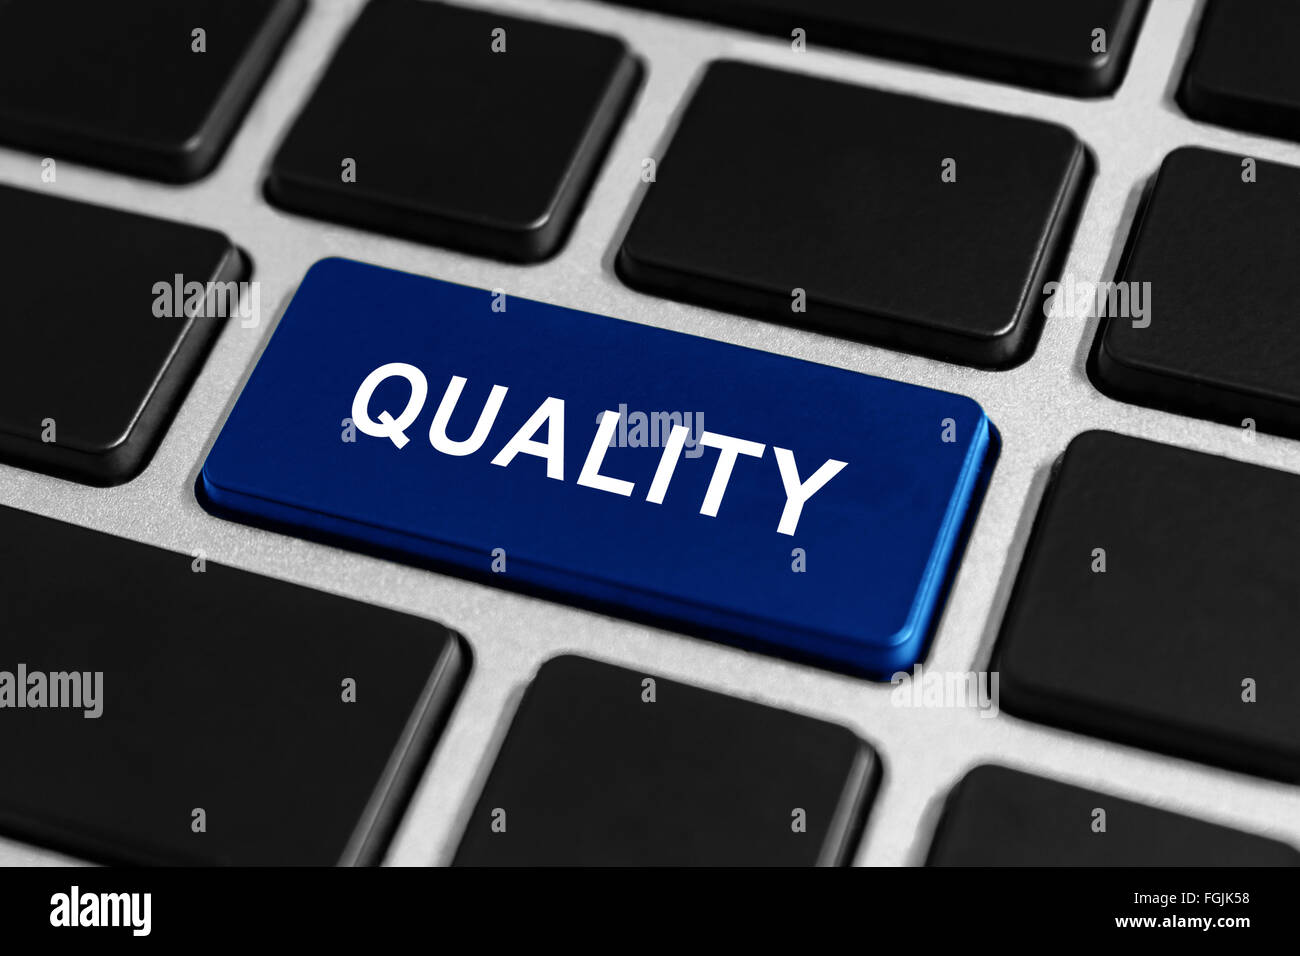 Mejor calidad de botón en el teclado, el concepto empresarial Imagen De Stock